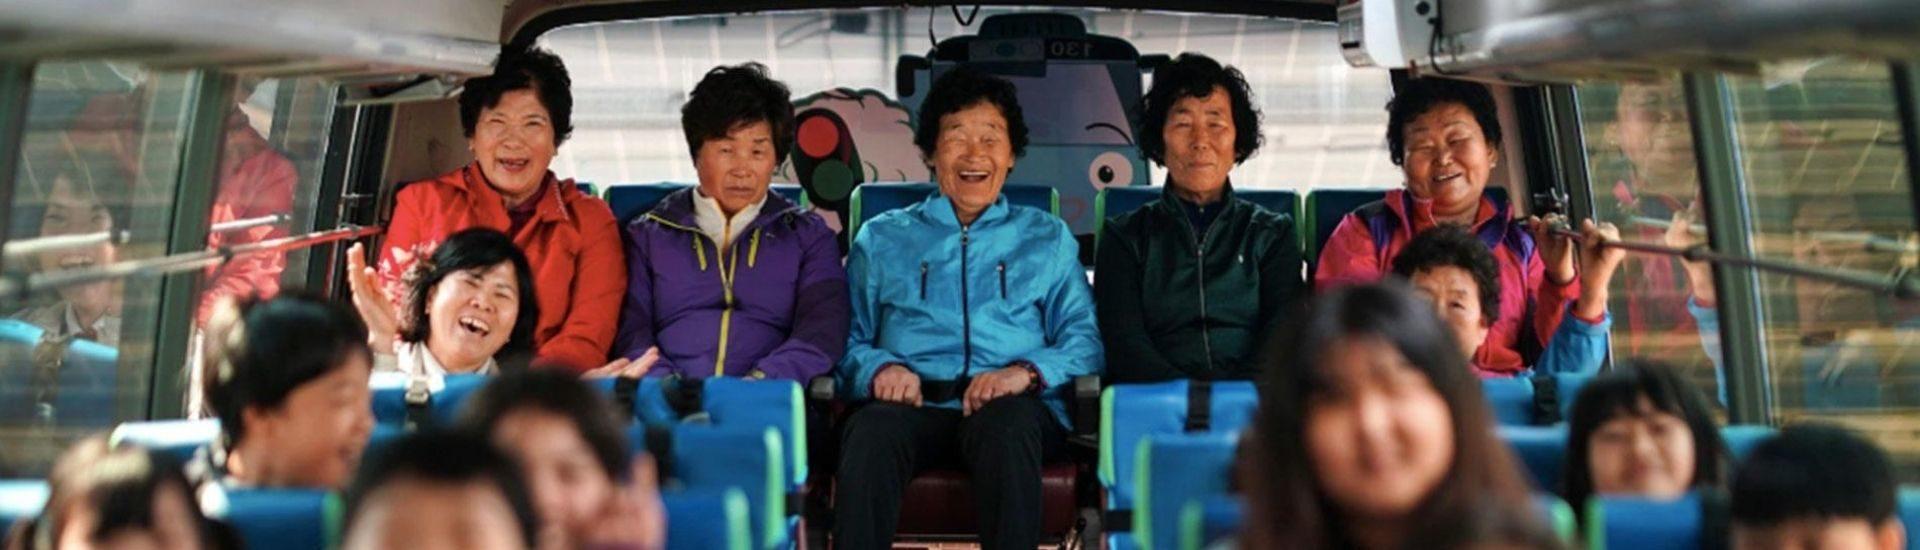 Foto en un bus de las mujeres que asisten a la comunidad educativa de Corea del Sur